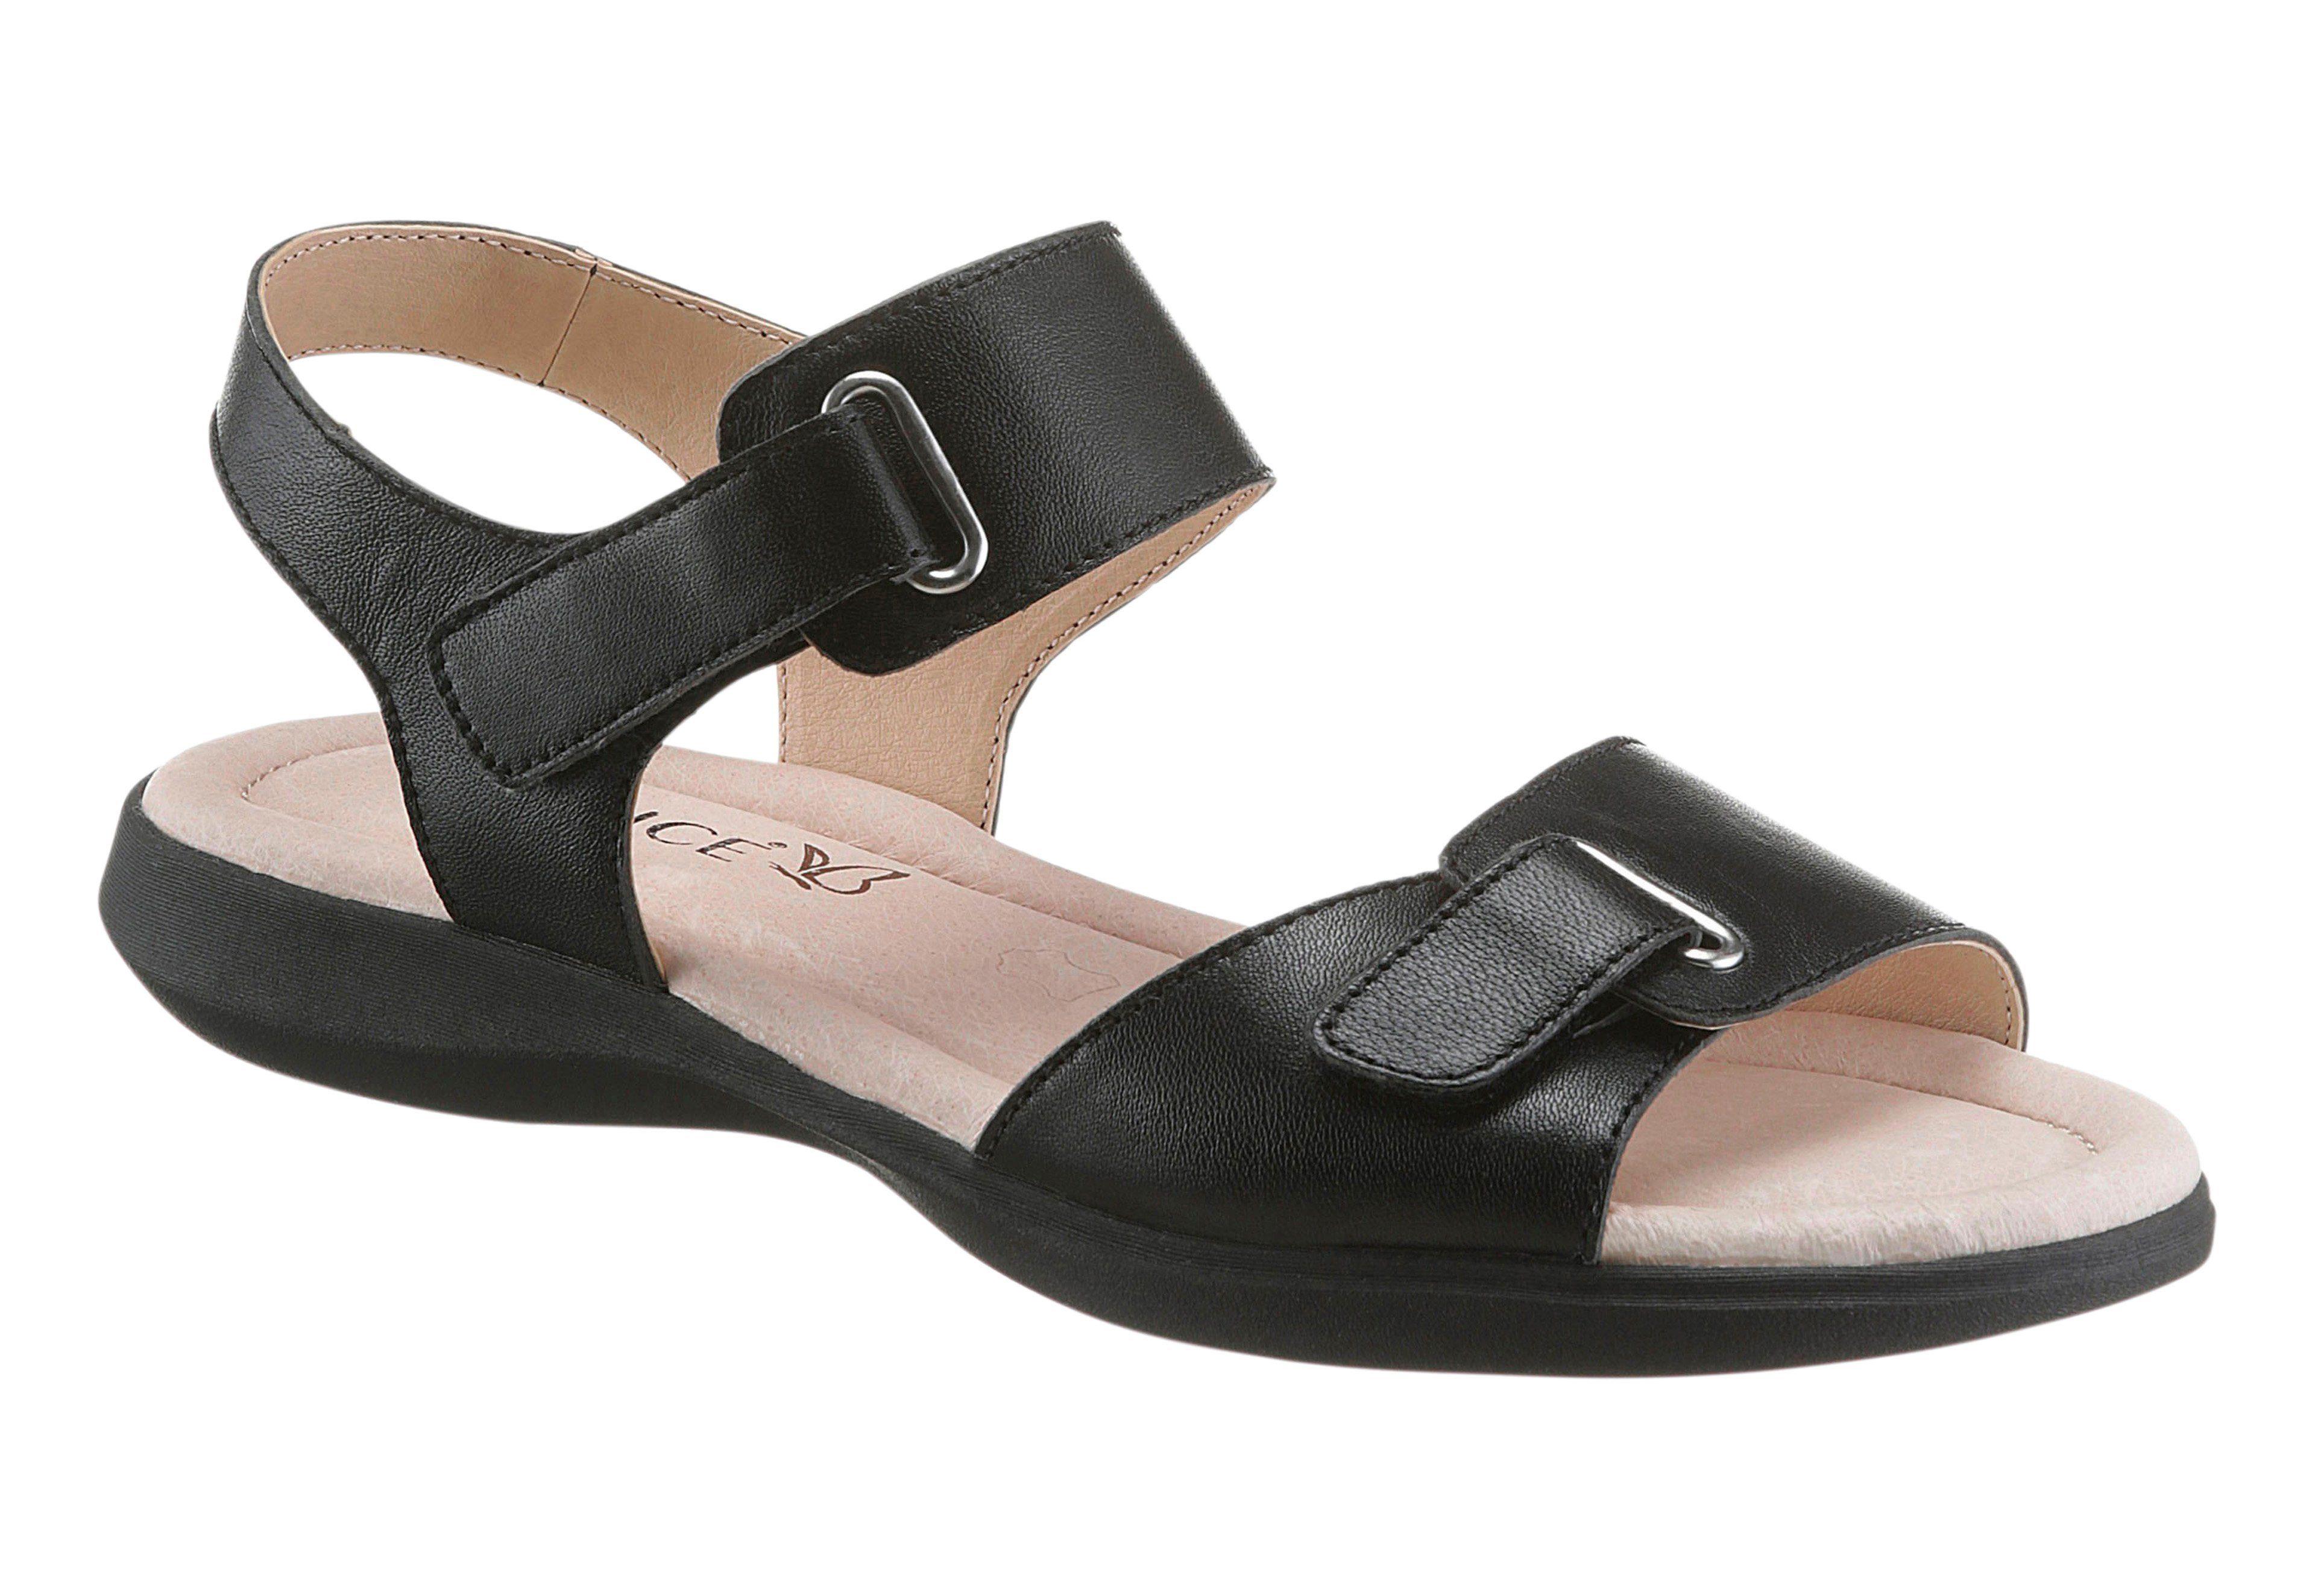 Caprice Sandalette mit rutschhemmender TR-Laufsohle, schwarz, schwarz